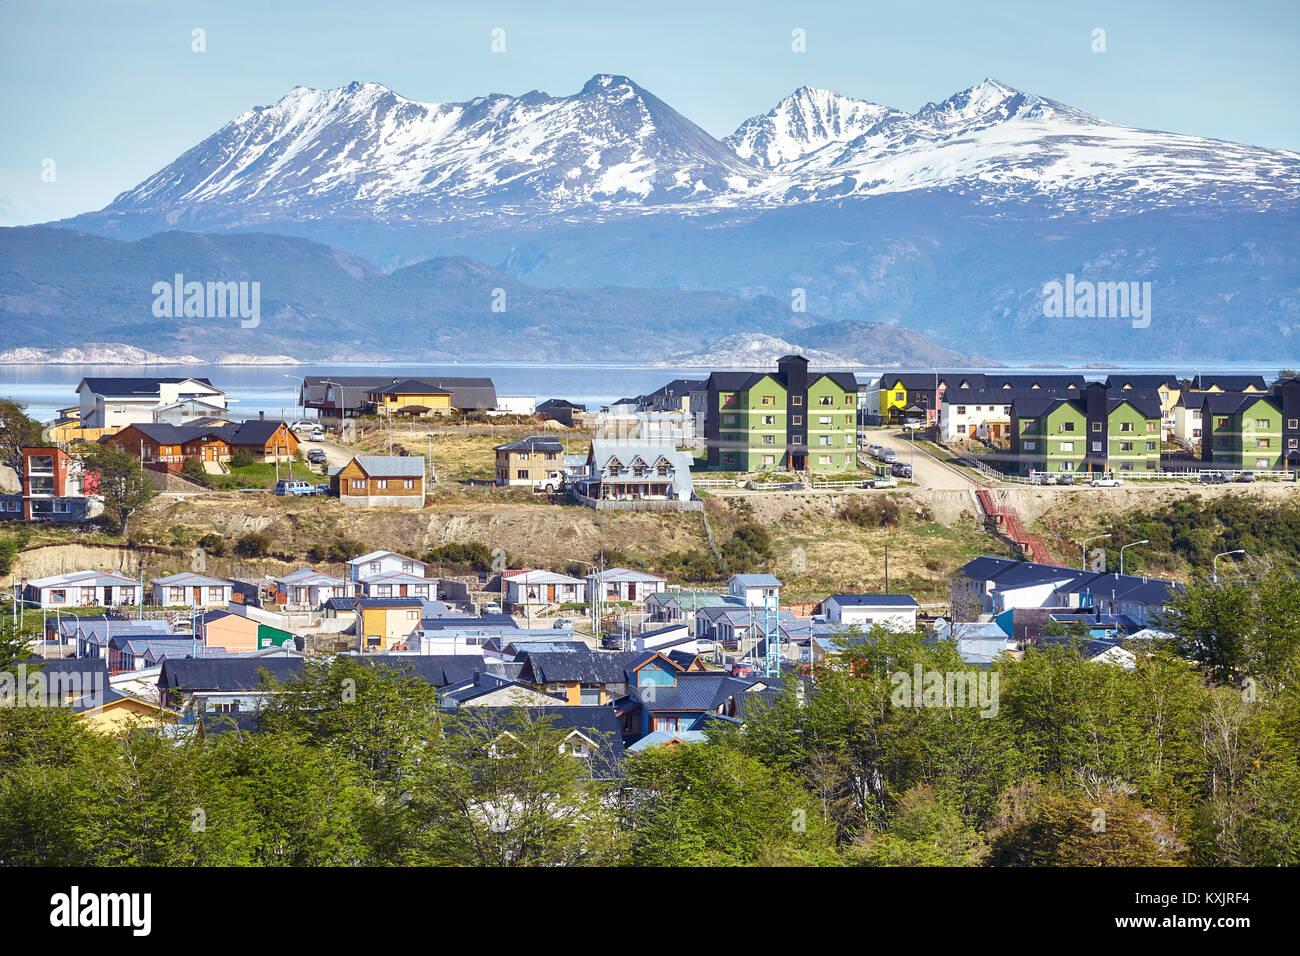 Ushuaia City, die Hauptstadt von Feuerland, die gemeinhin als die südlichste Stadt der Welt bekannt, Argentinien Stockbild